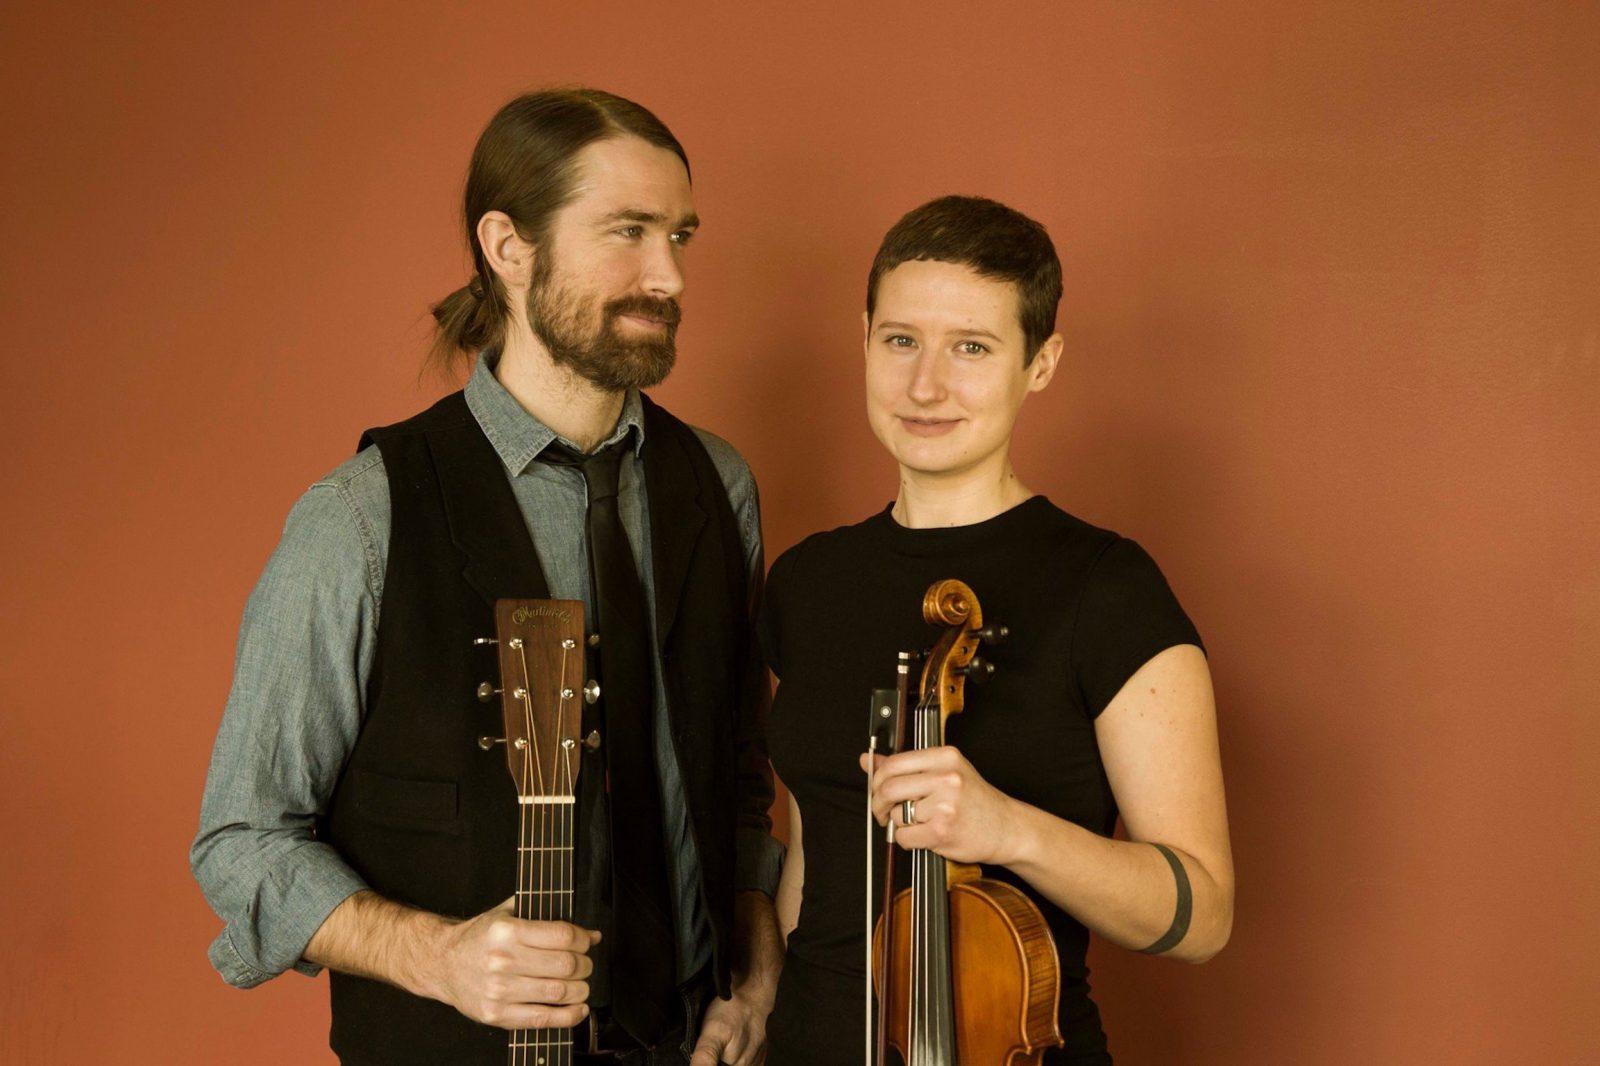 Exquisite Folk Musicians